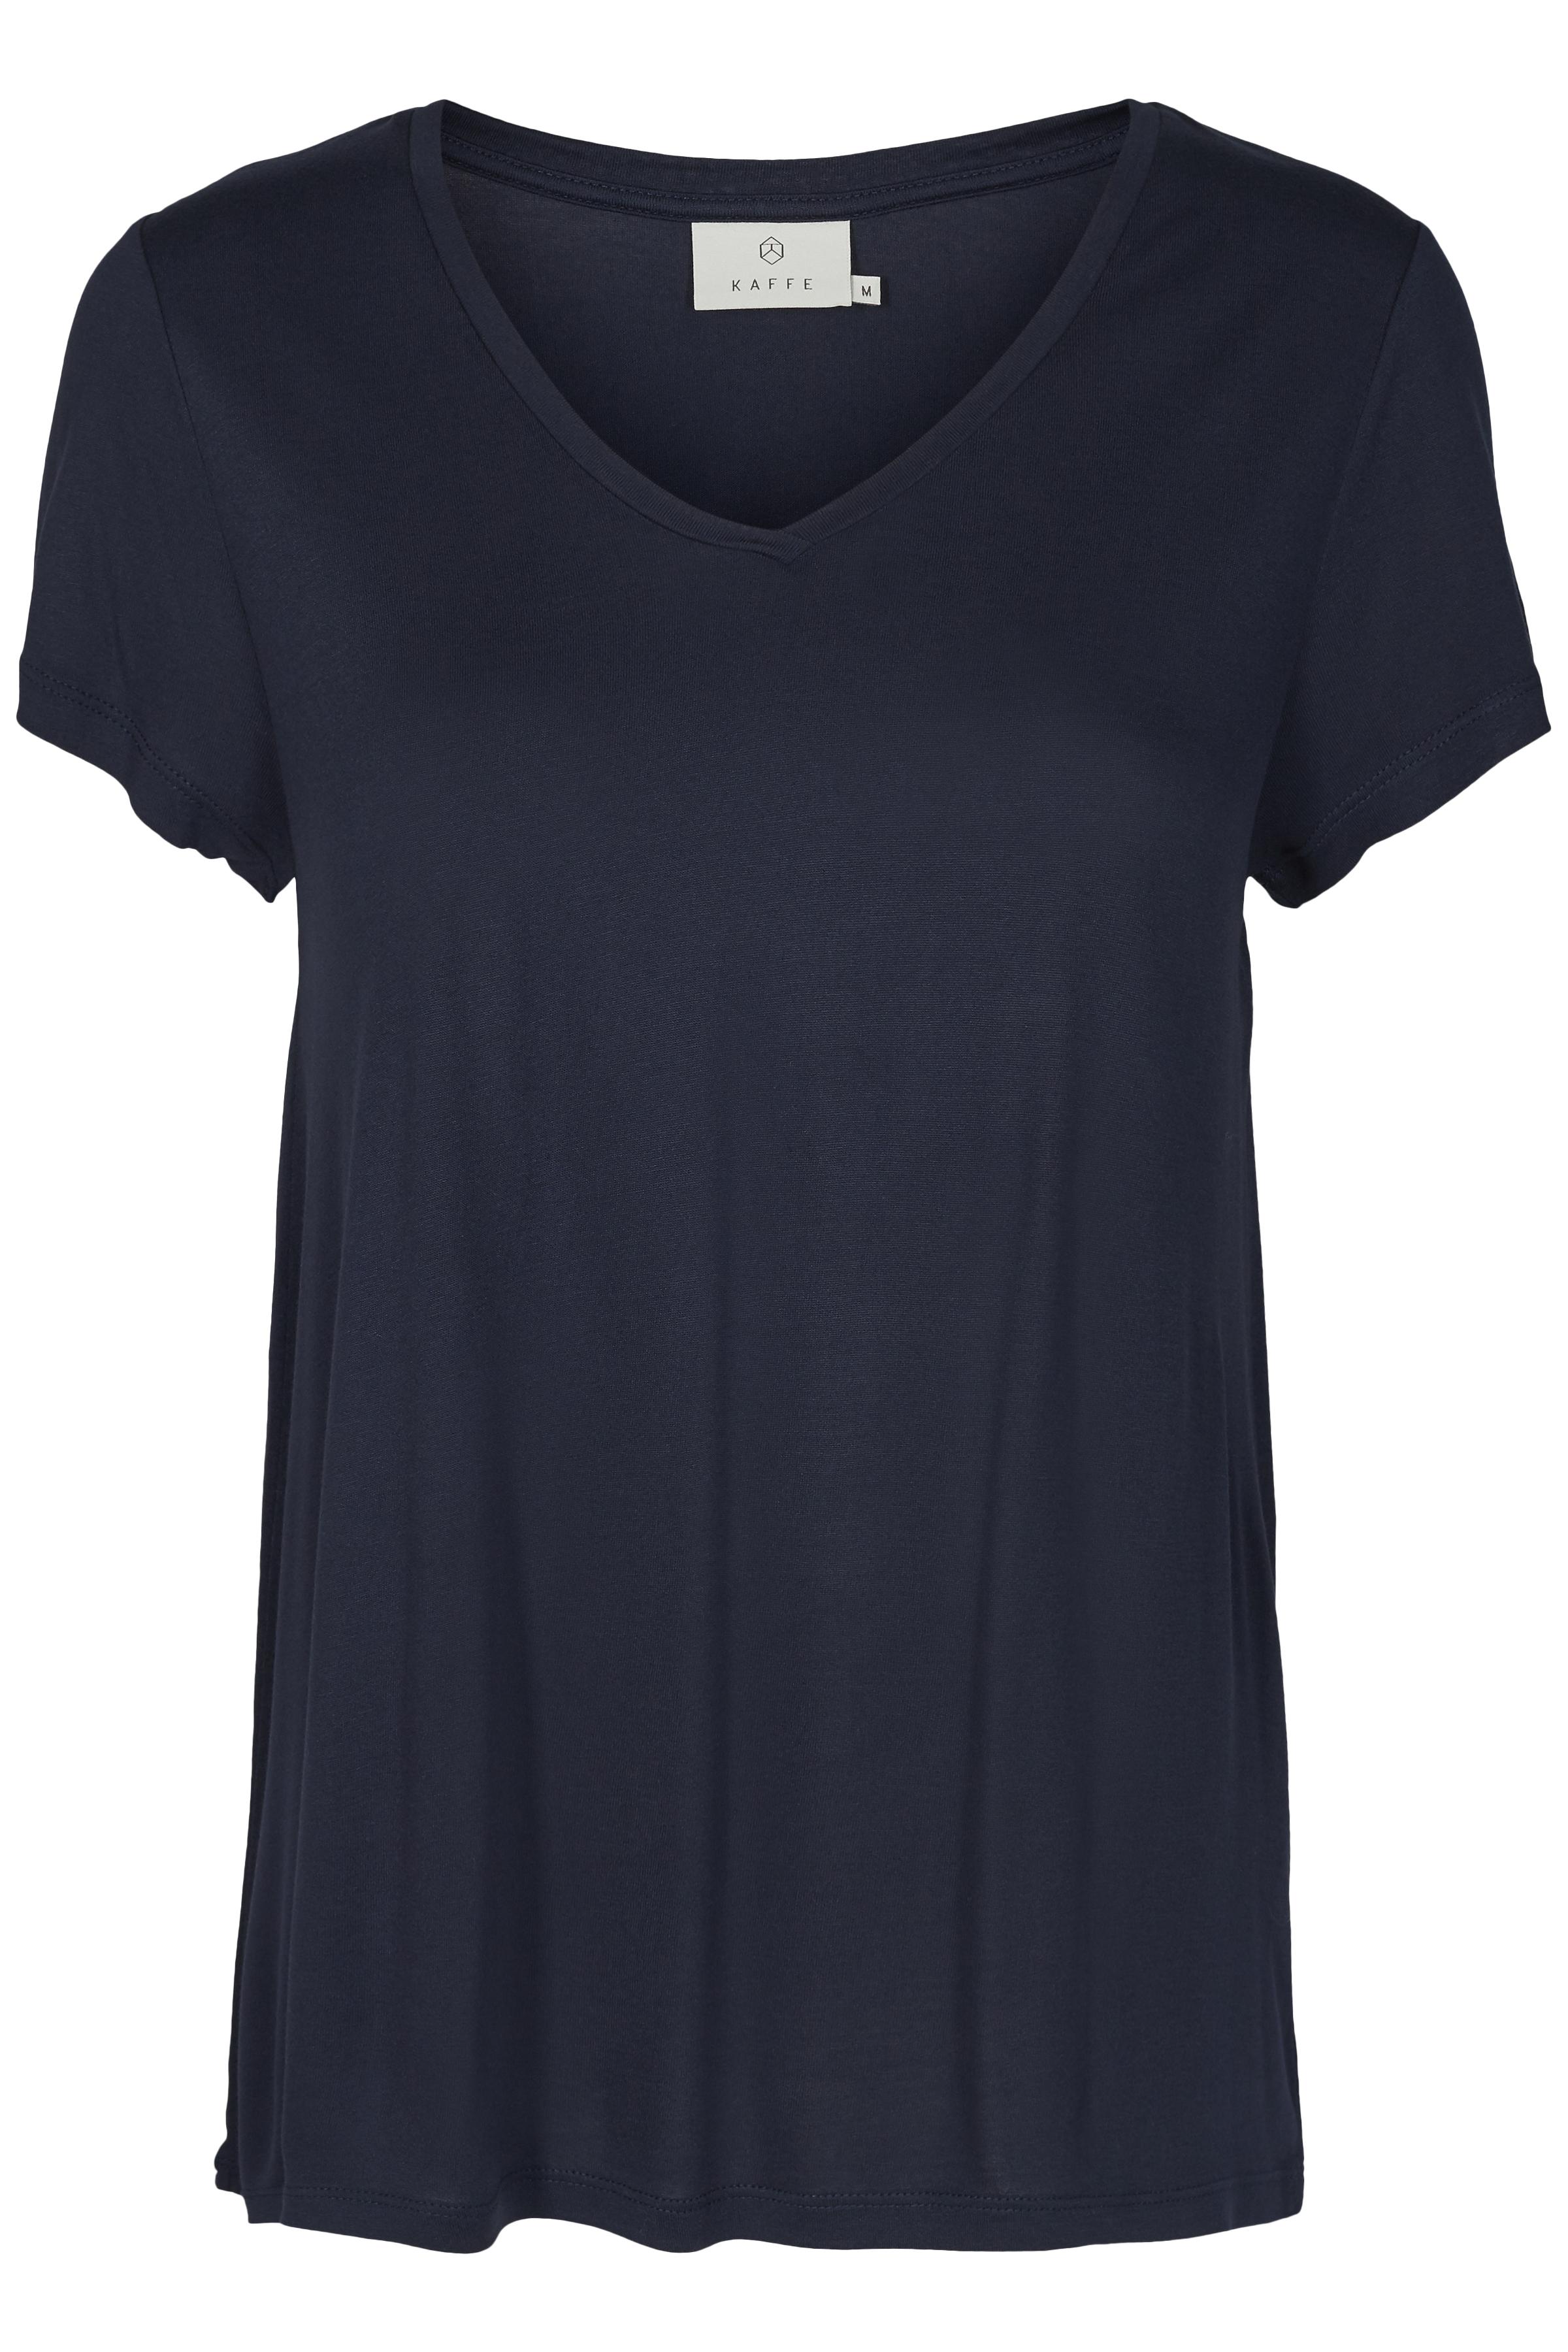 Marineblauw T-shirt korte mouw van Kaffe – Door Marineblauw T-shirt korte mouw van maat. XS-XXL hier